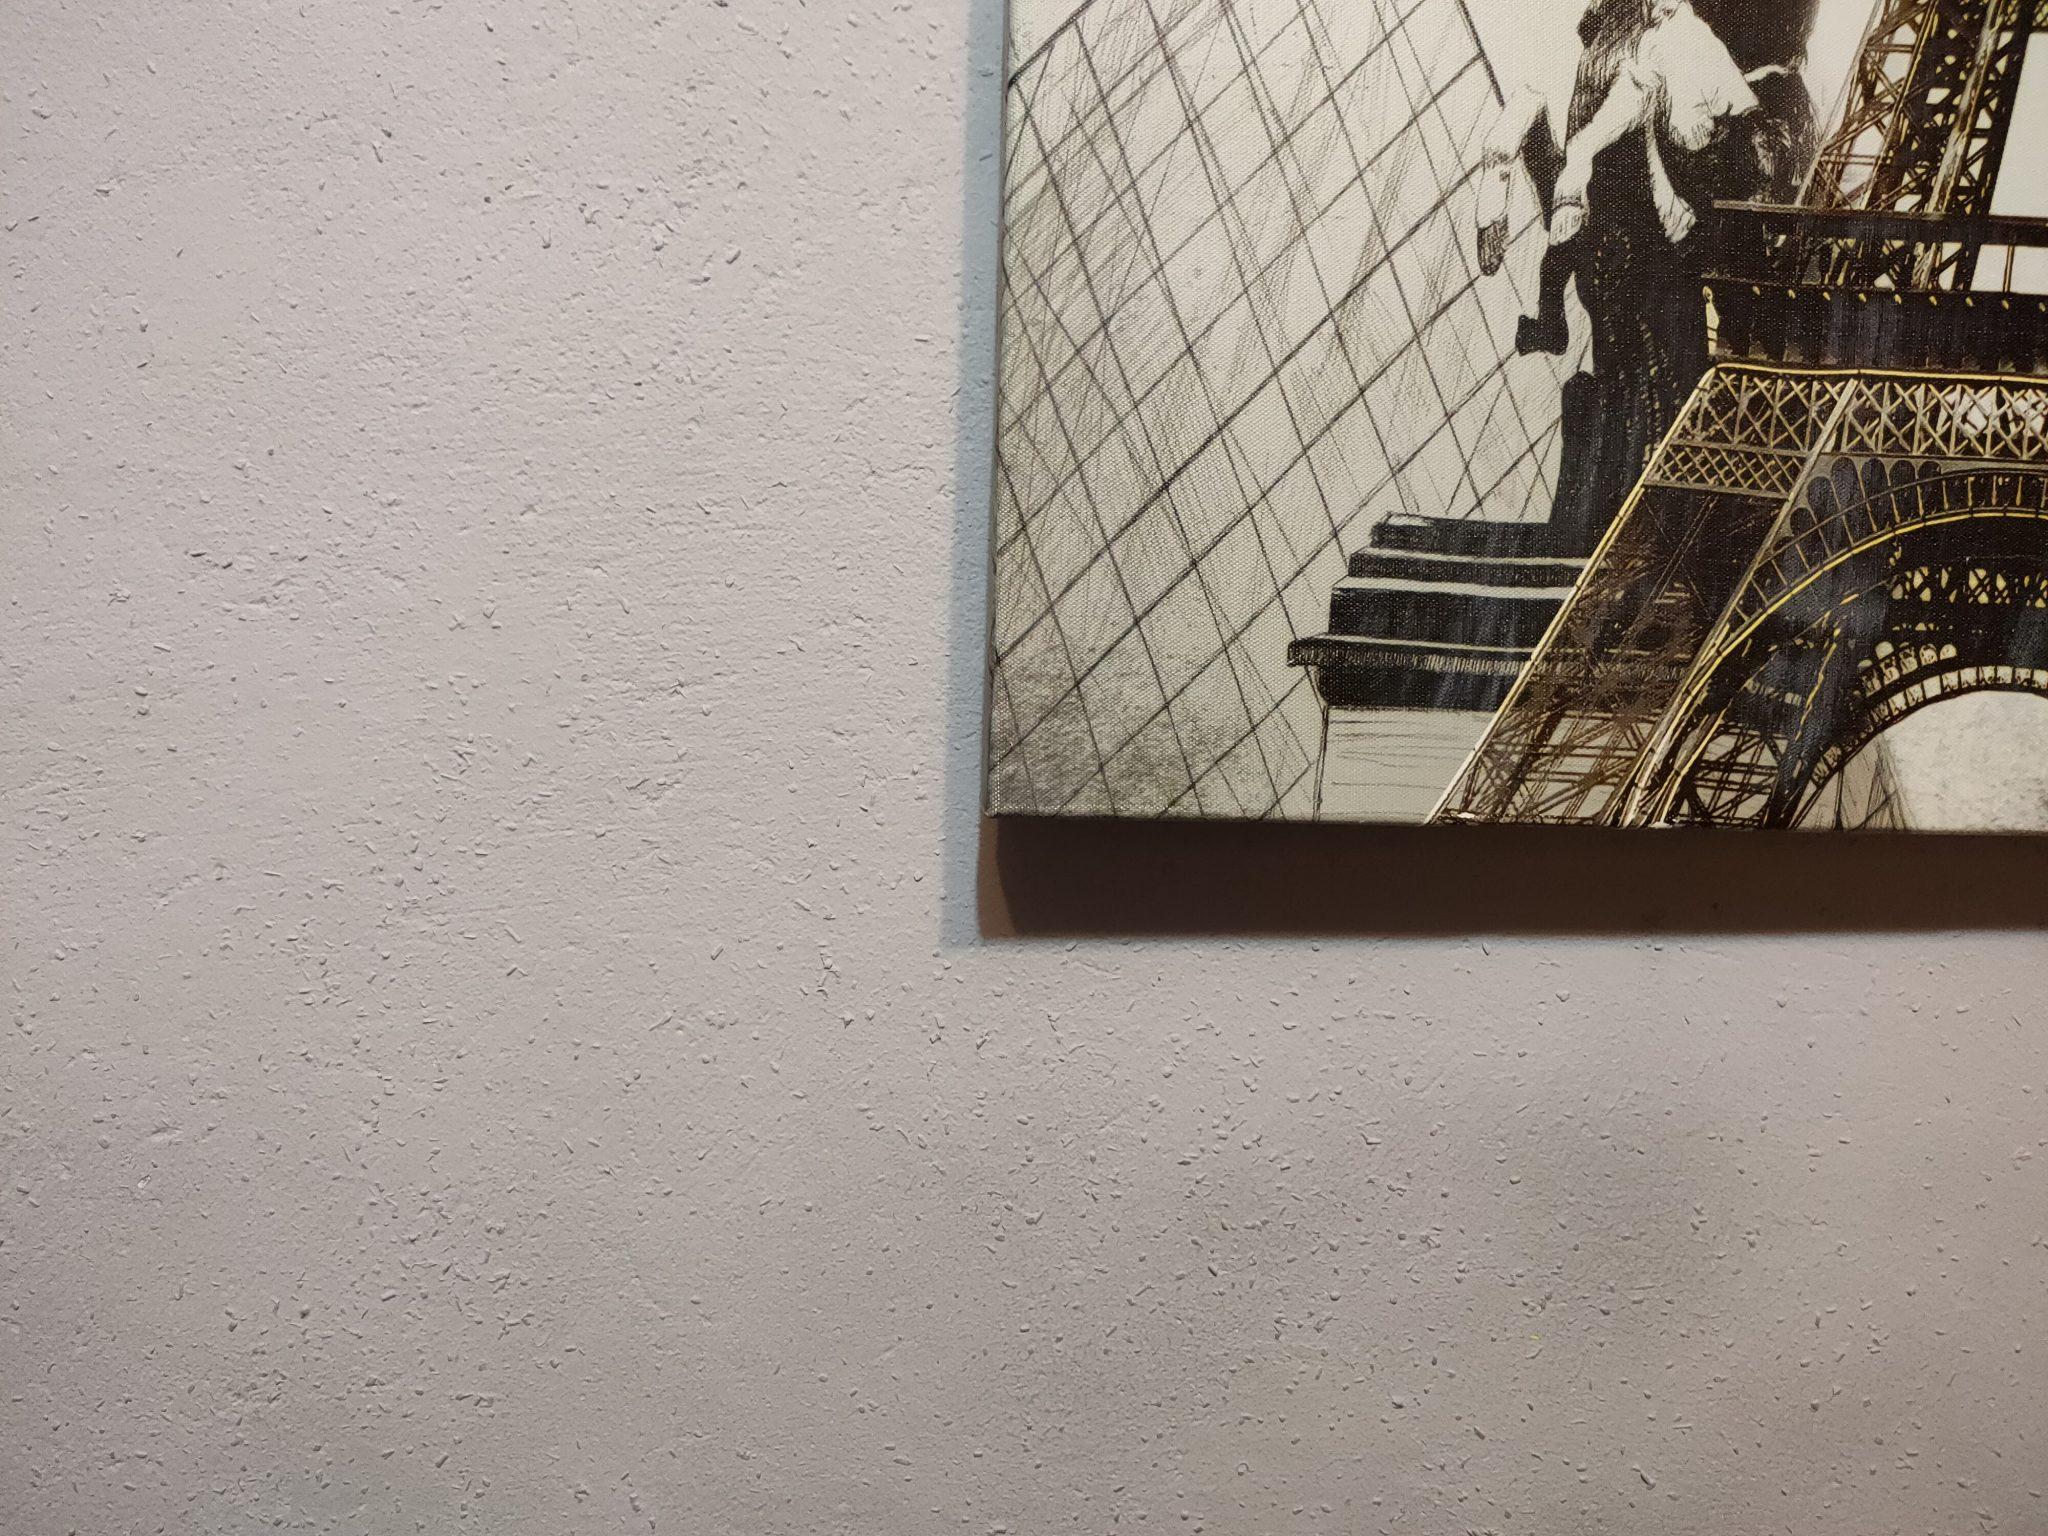 Zdjęcia w pomieszczeniu - Oppo Reno 10x Zoom